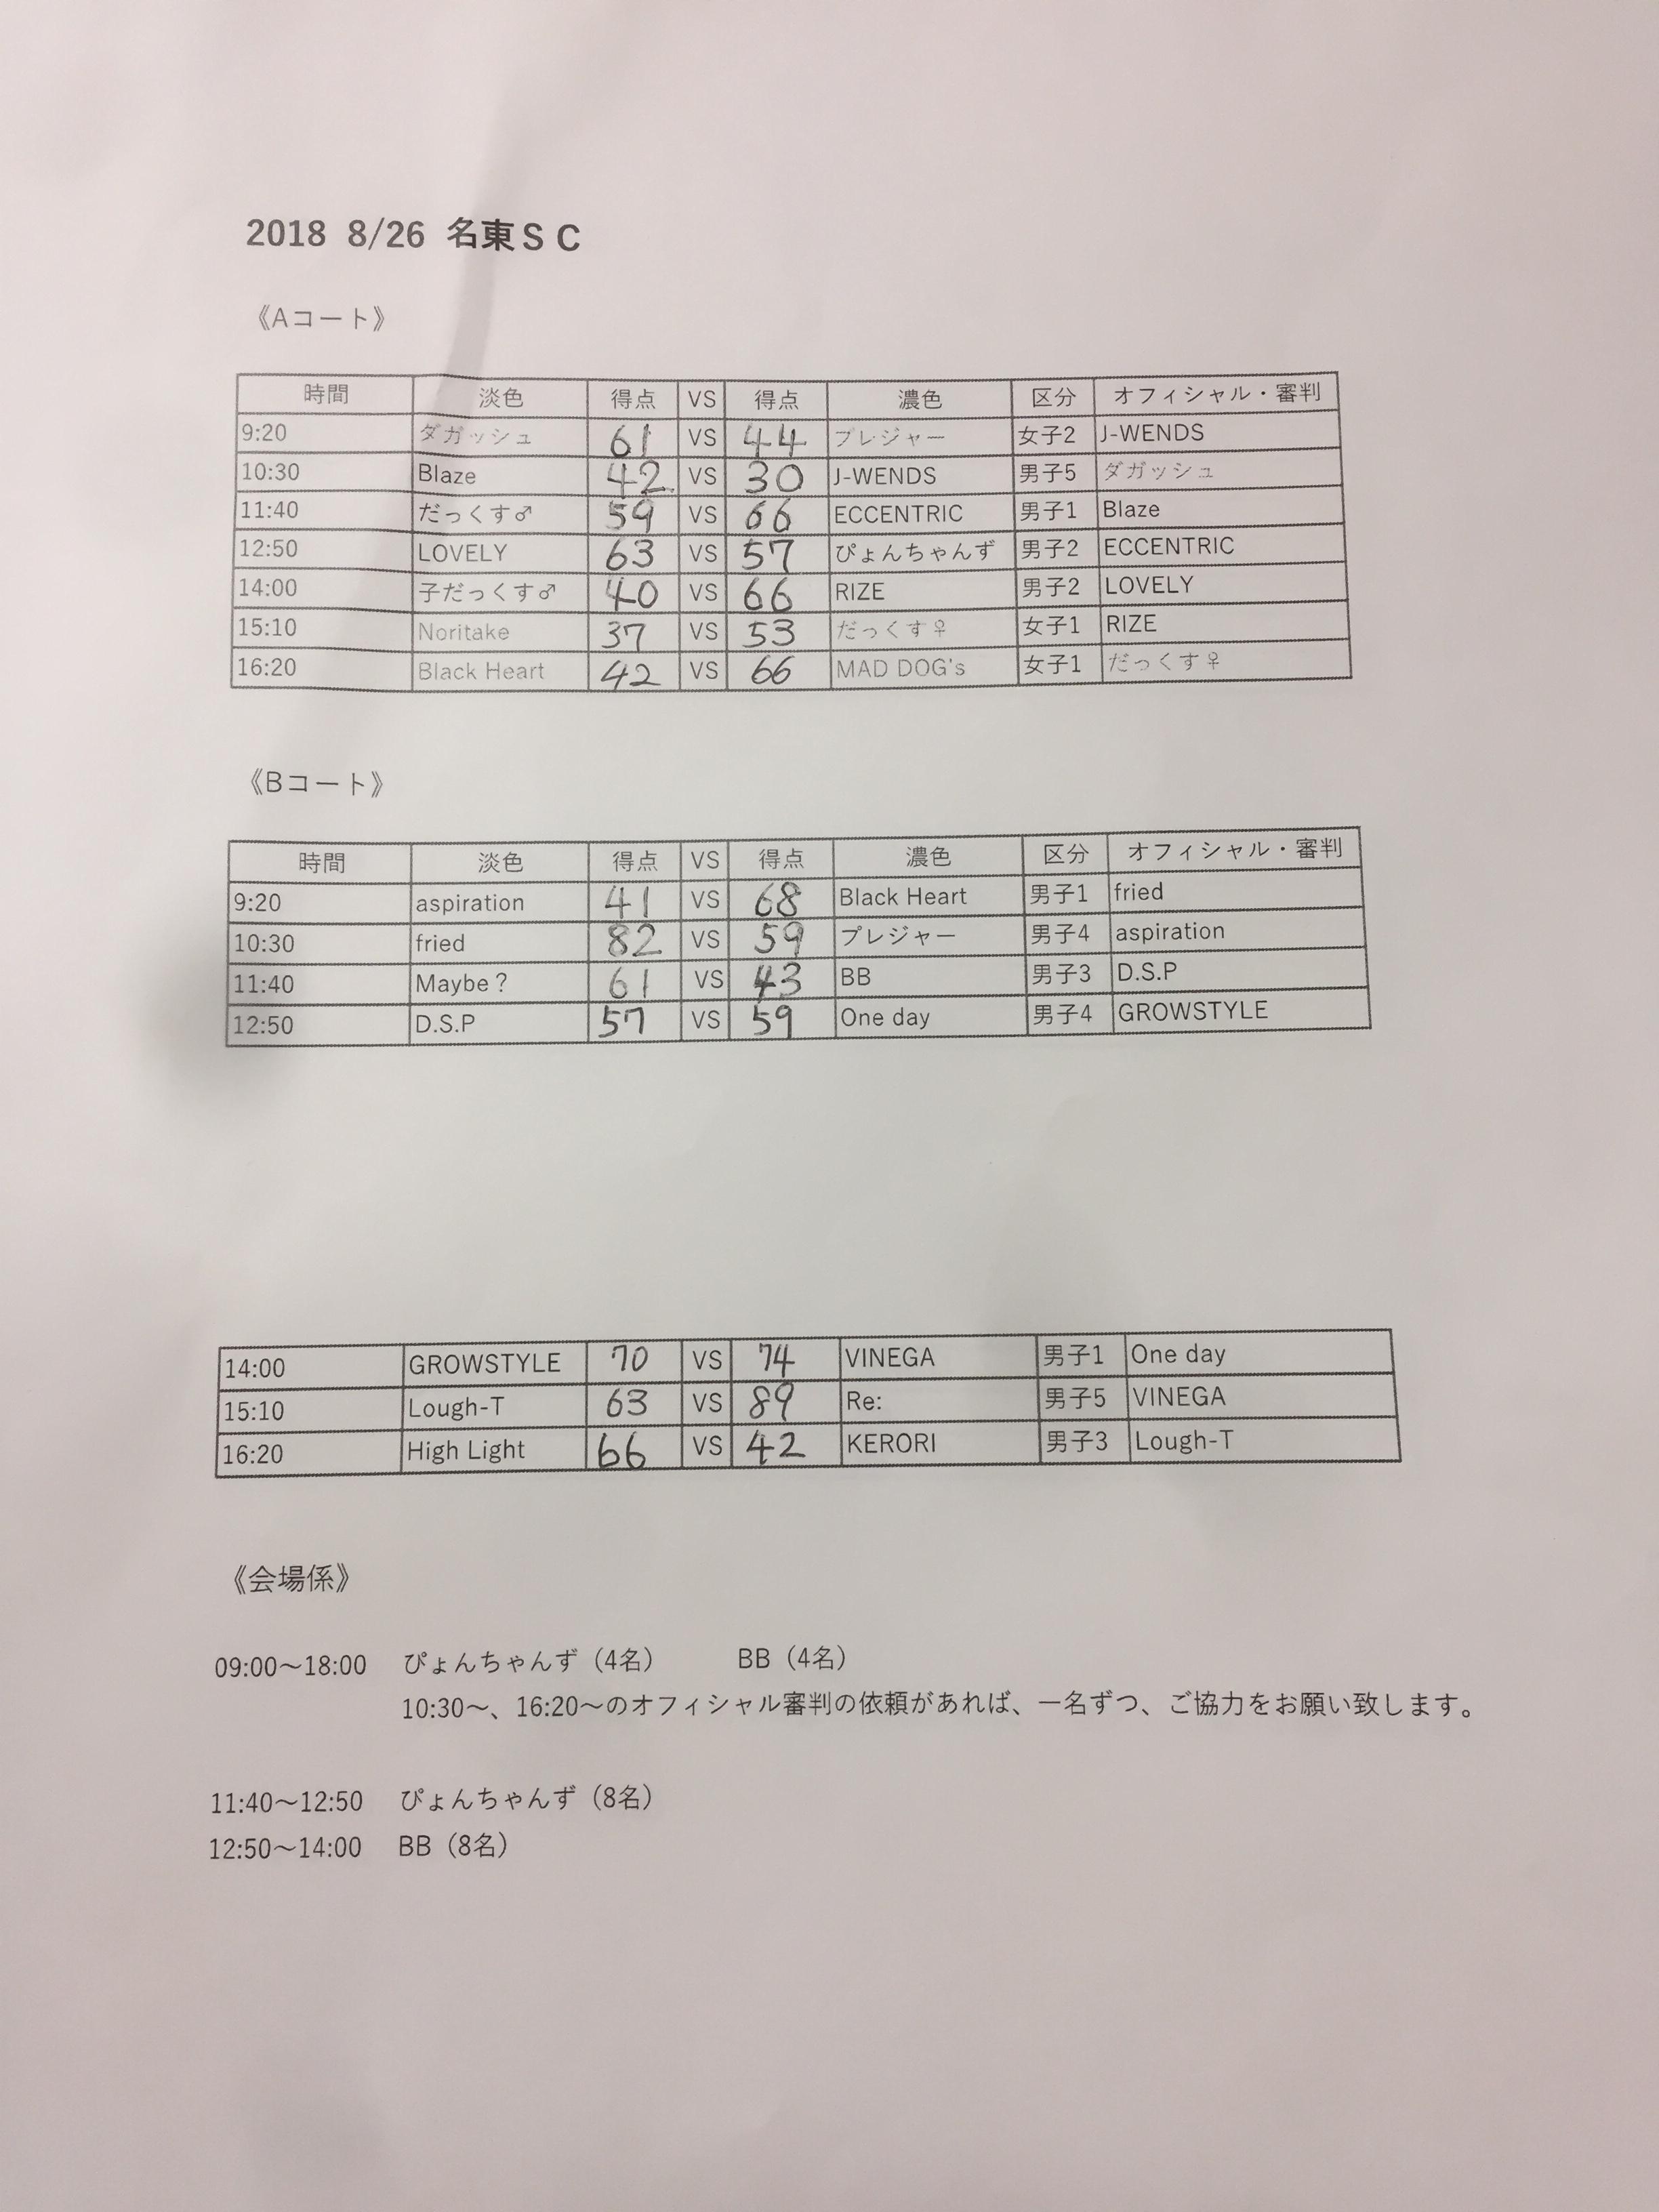 f6ac16ef-9cad-4c8a-a110-efac1bca7bcf